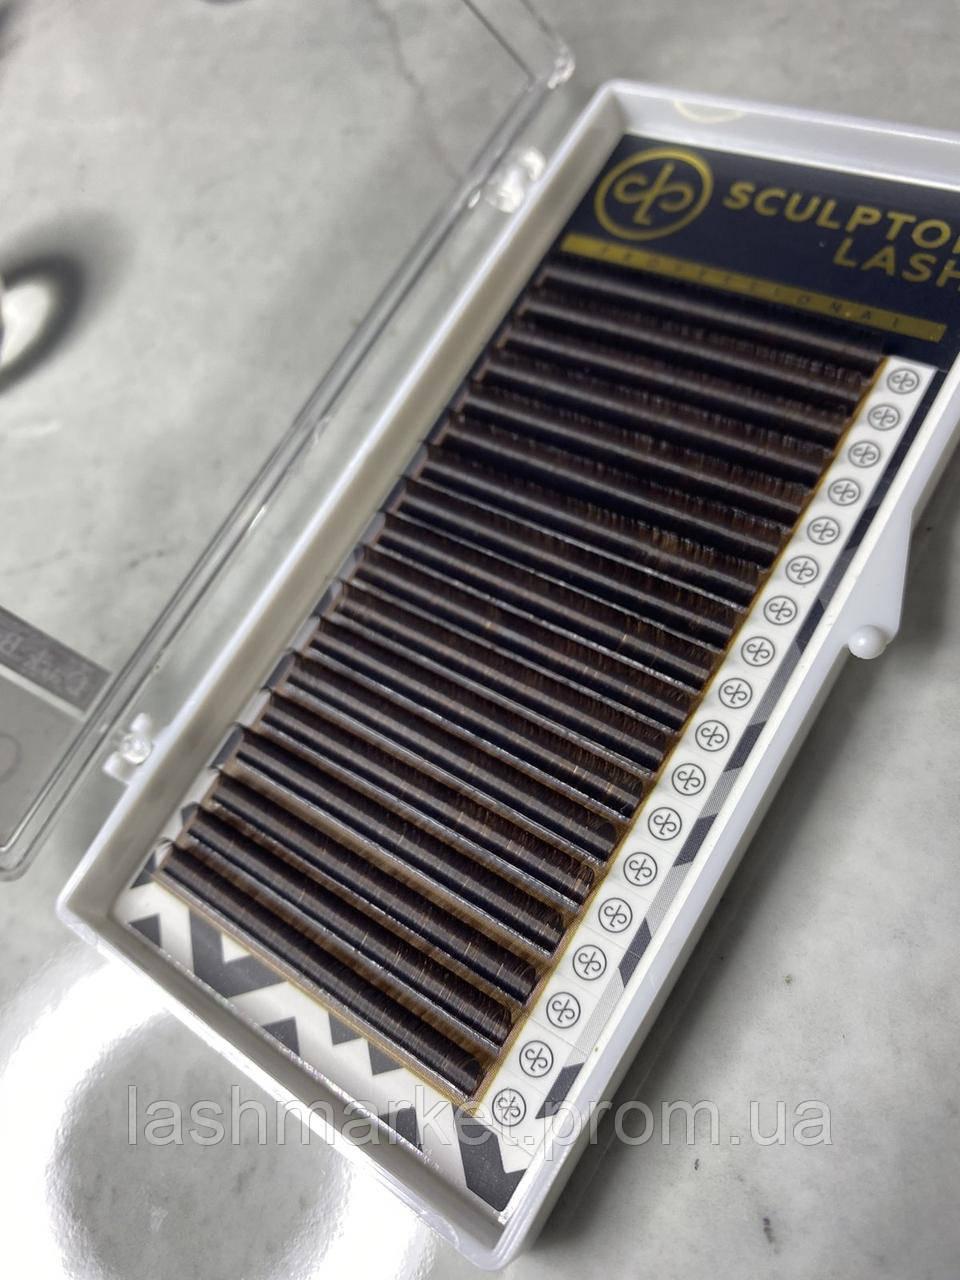 Ресницы Dark Brown D 0,07 - 9 мм Sculptor Lash GOLD (коричневые)